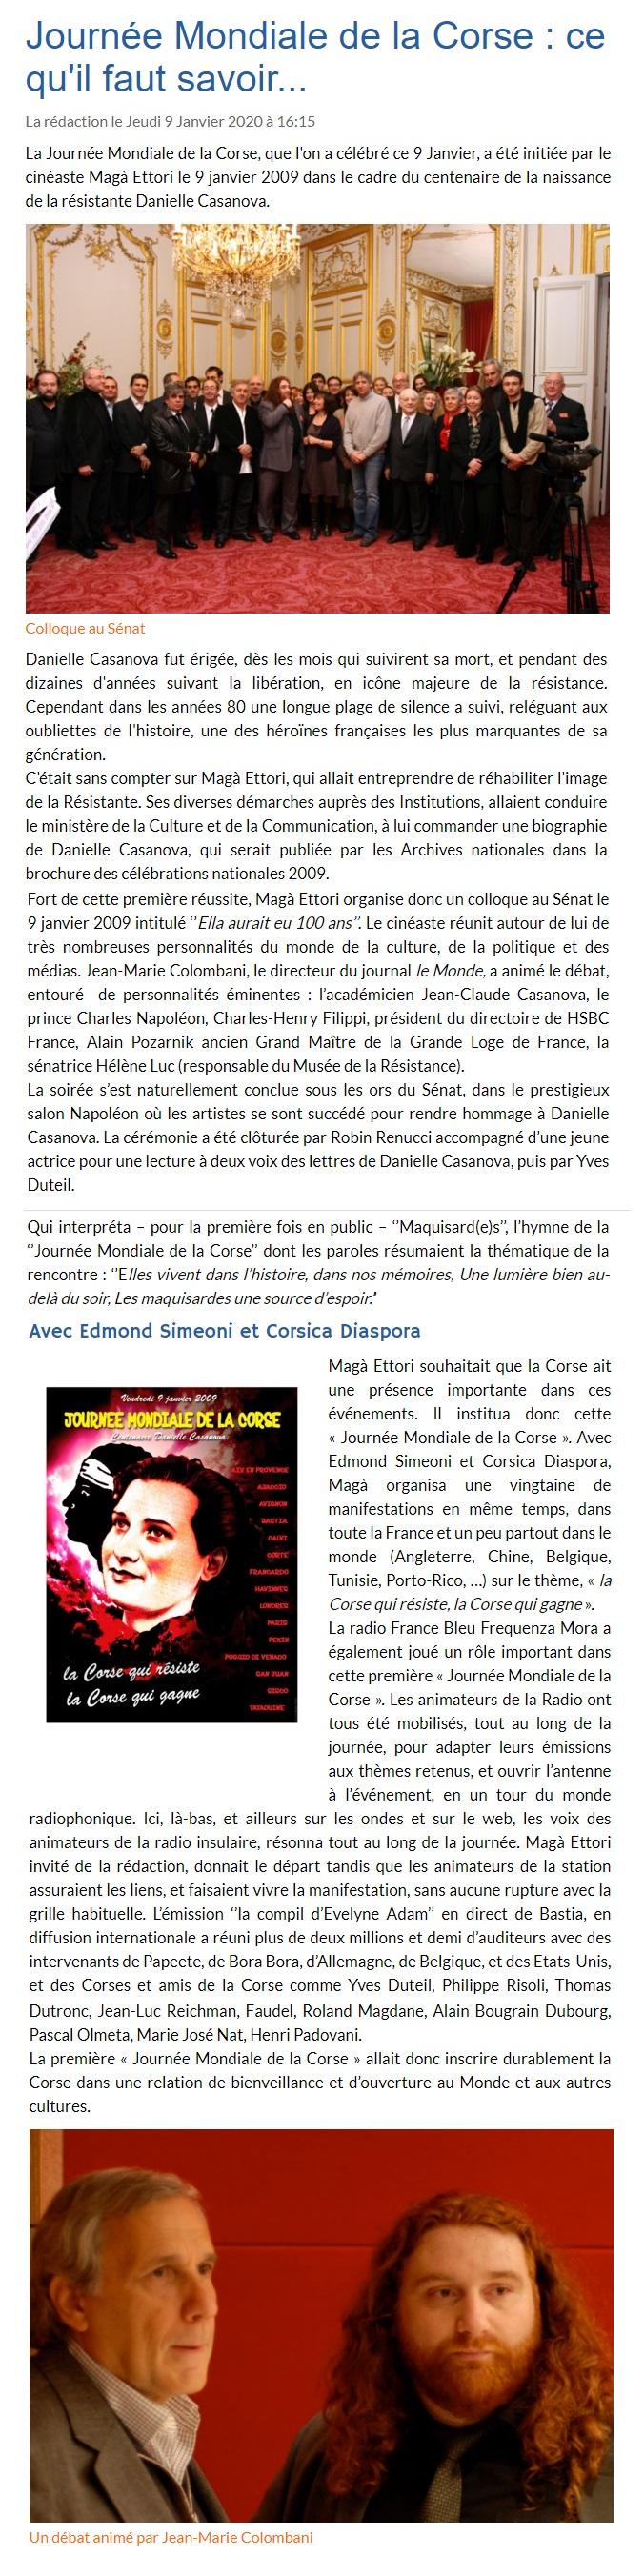 JOURNEE MONDIALE DE LA CORSE - MAGA ETTORI